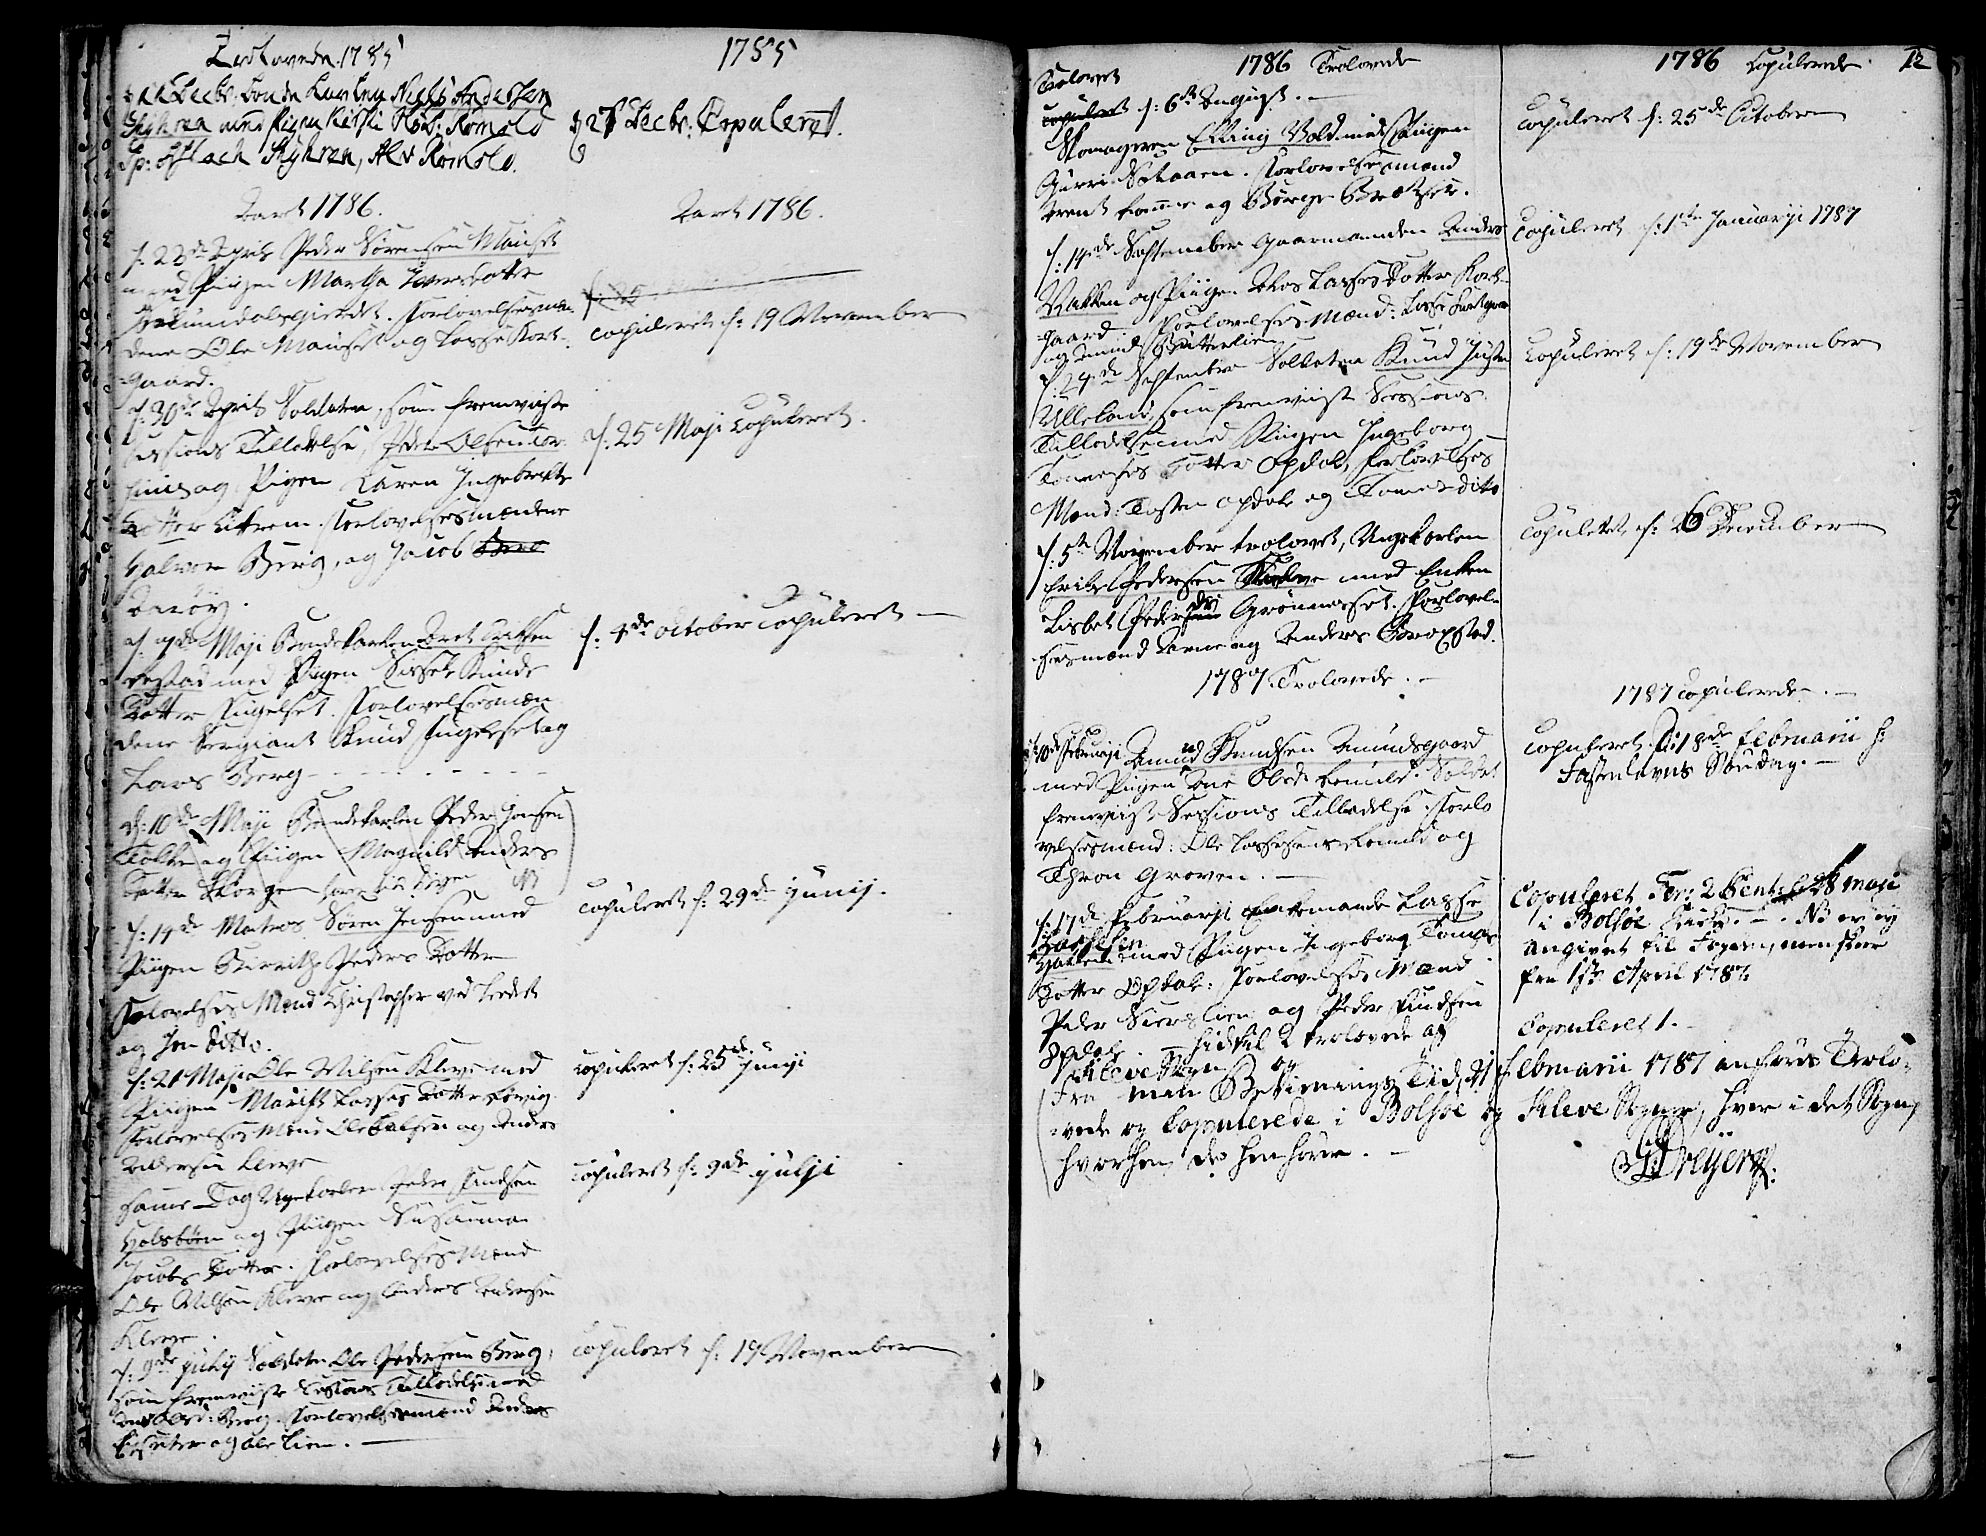 SAT, Ministerialprotokoller, klokkerbøker og fødselsregistre - Møre og Romsdal, 555/L0648: Ministerialbok nr. 555A01, 1759-1793, s. 12